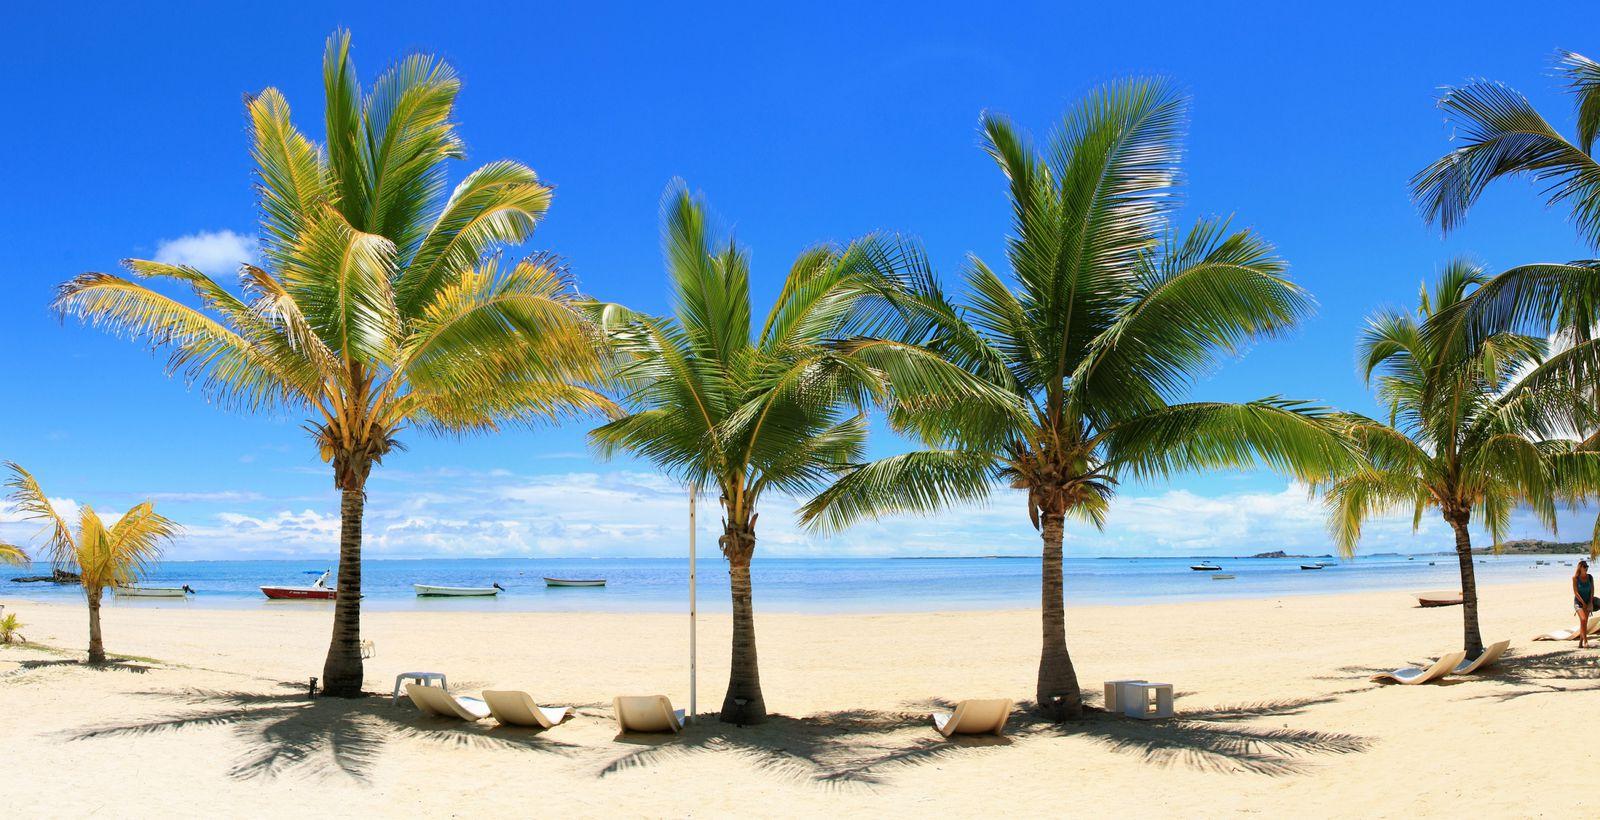 la plage de sable fin et ses cocotiers !